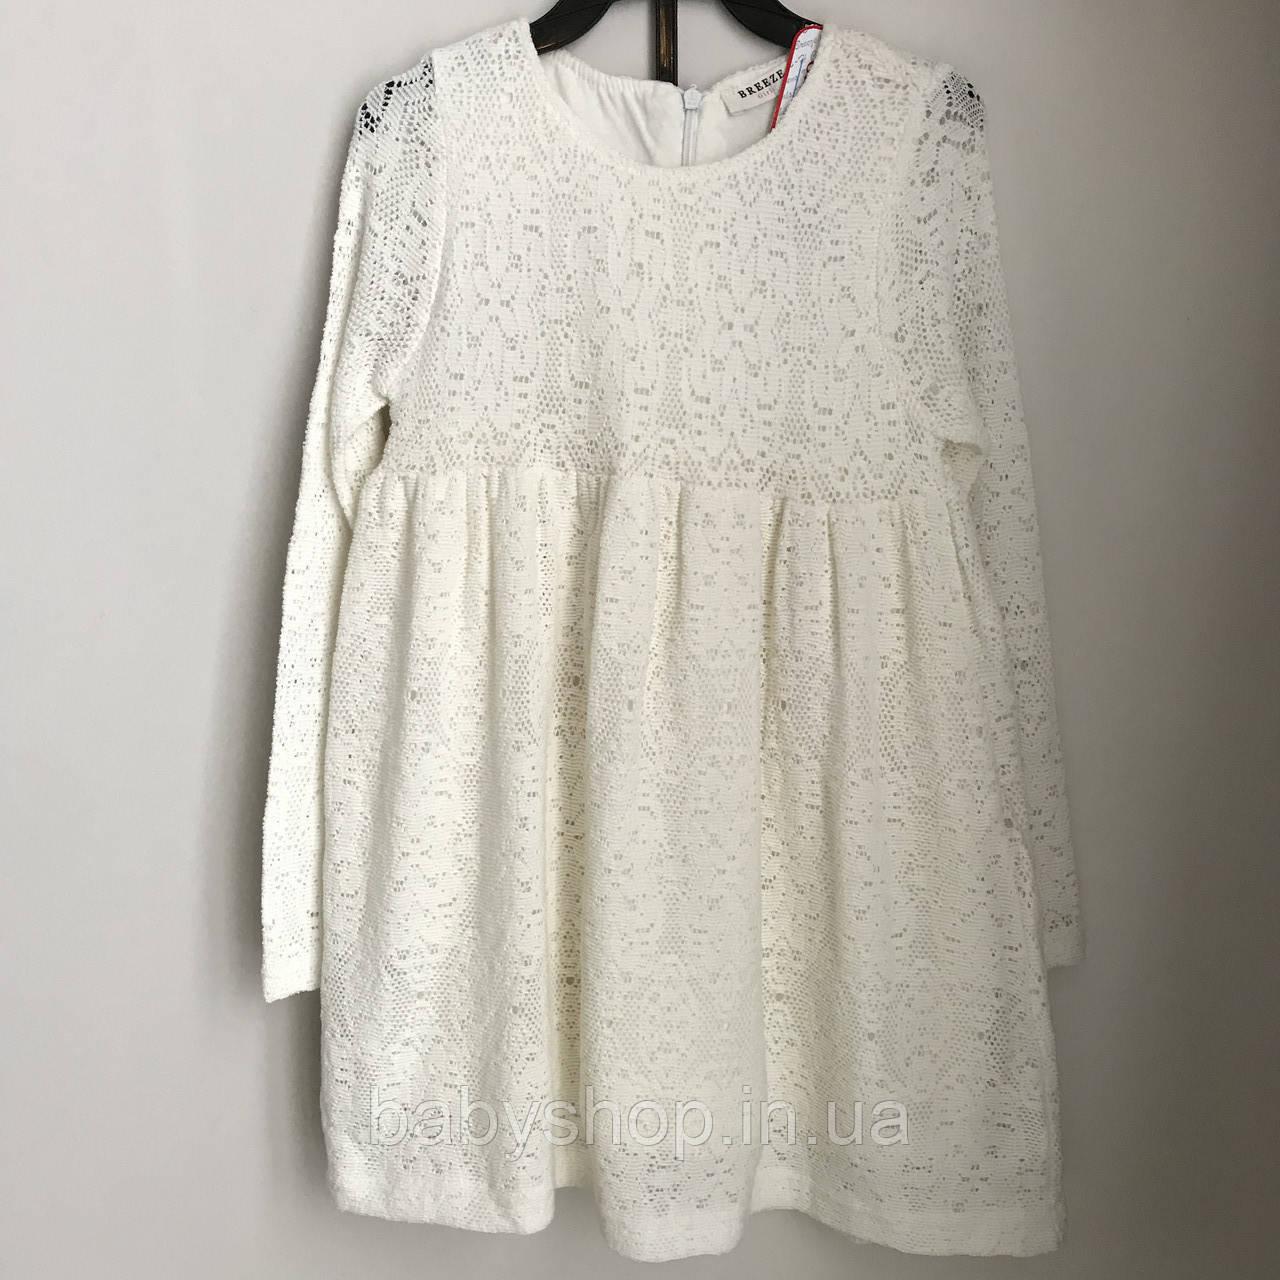 Платье на девочку Breeze 20. Размер 110 см, 116 см, 128 см, 134 см